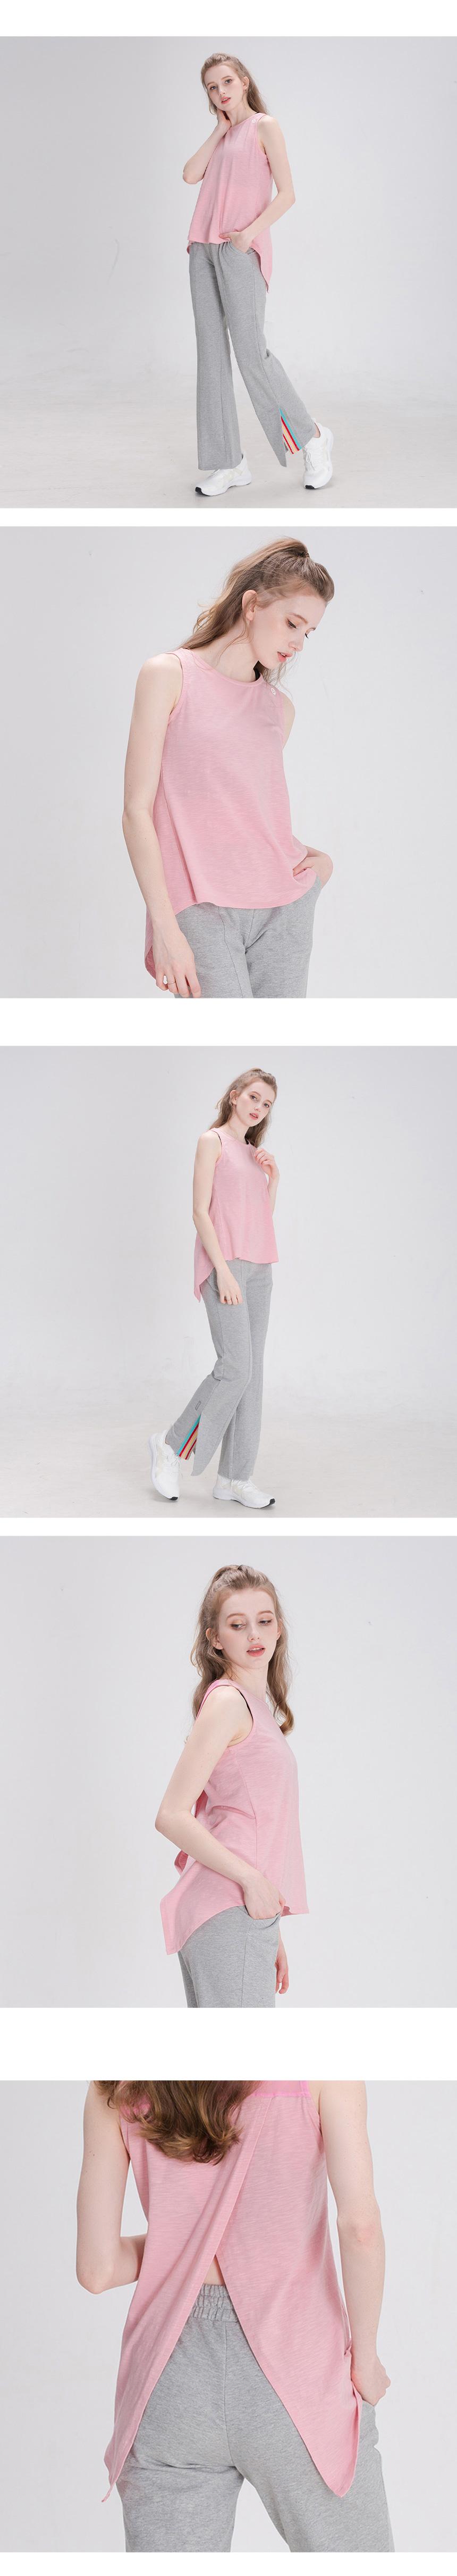 뒤란(DURAN) 모달 슬리브리스 민소매 DFW5025 핑크